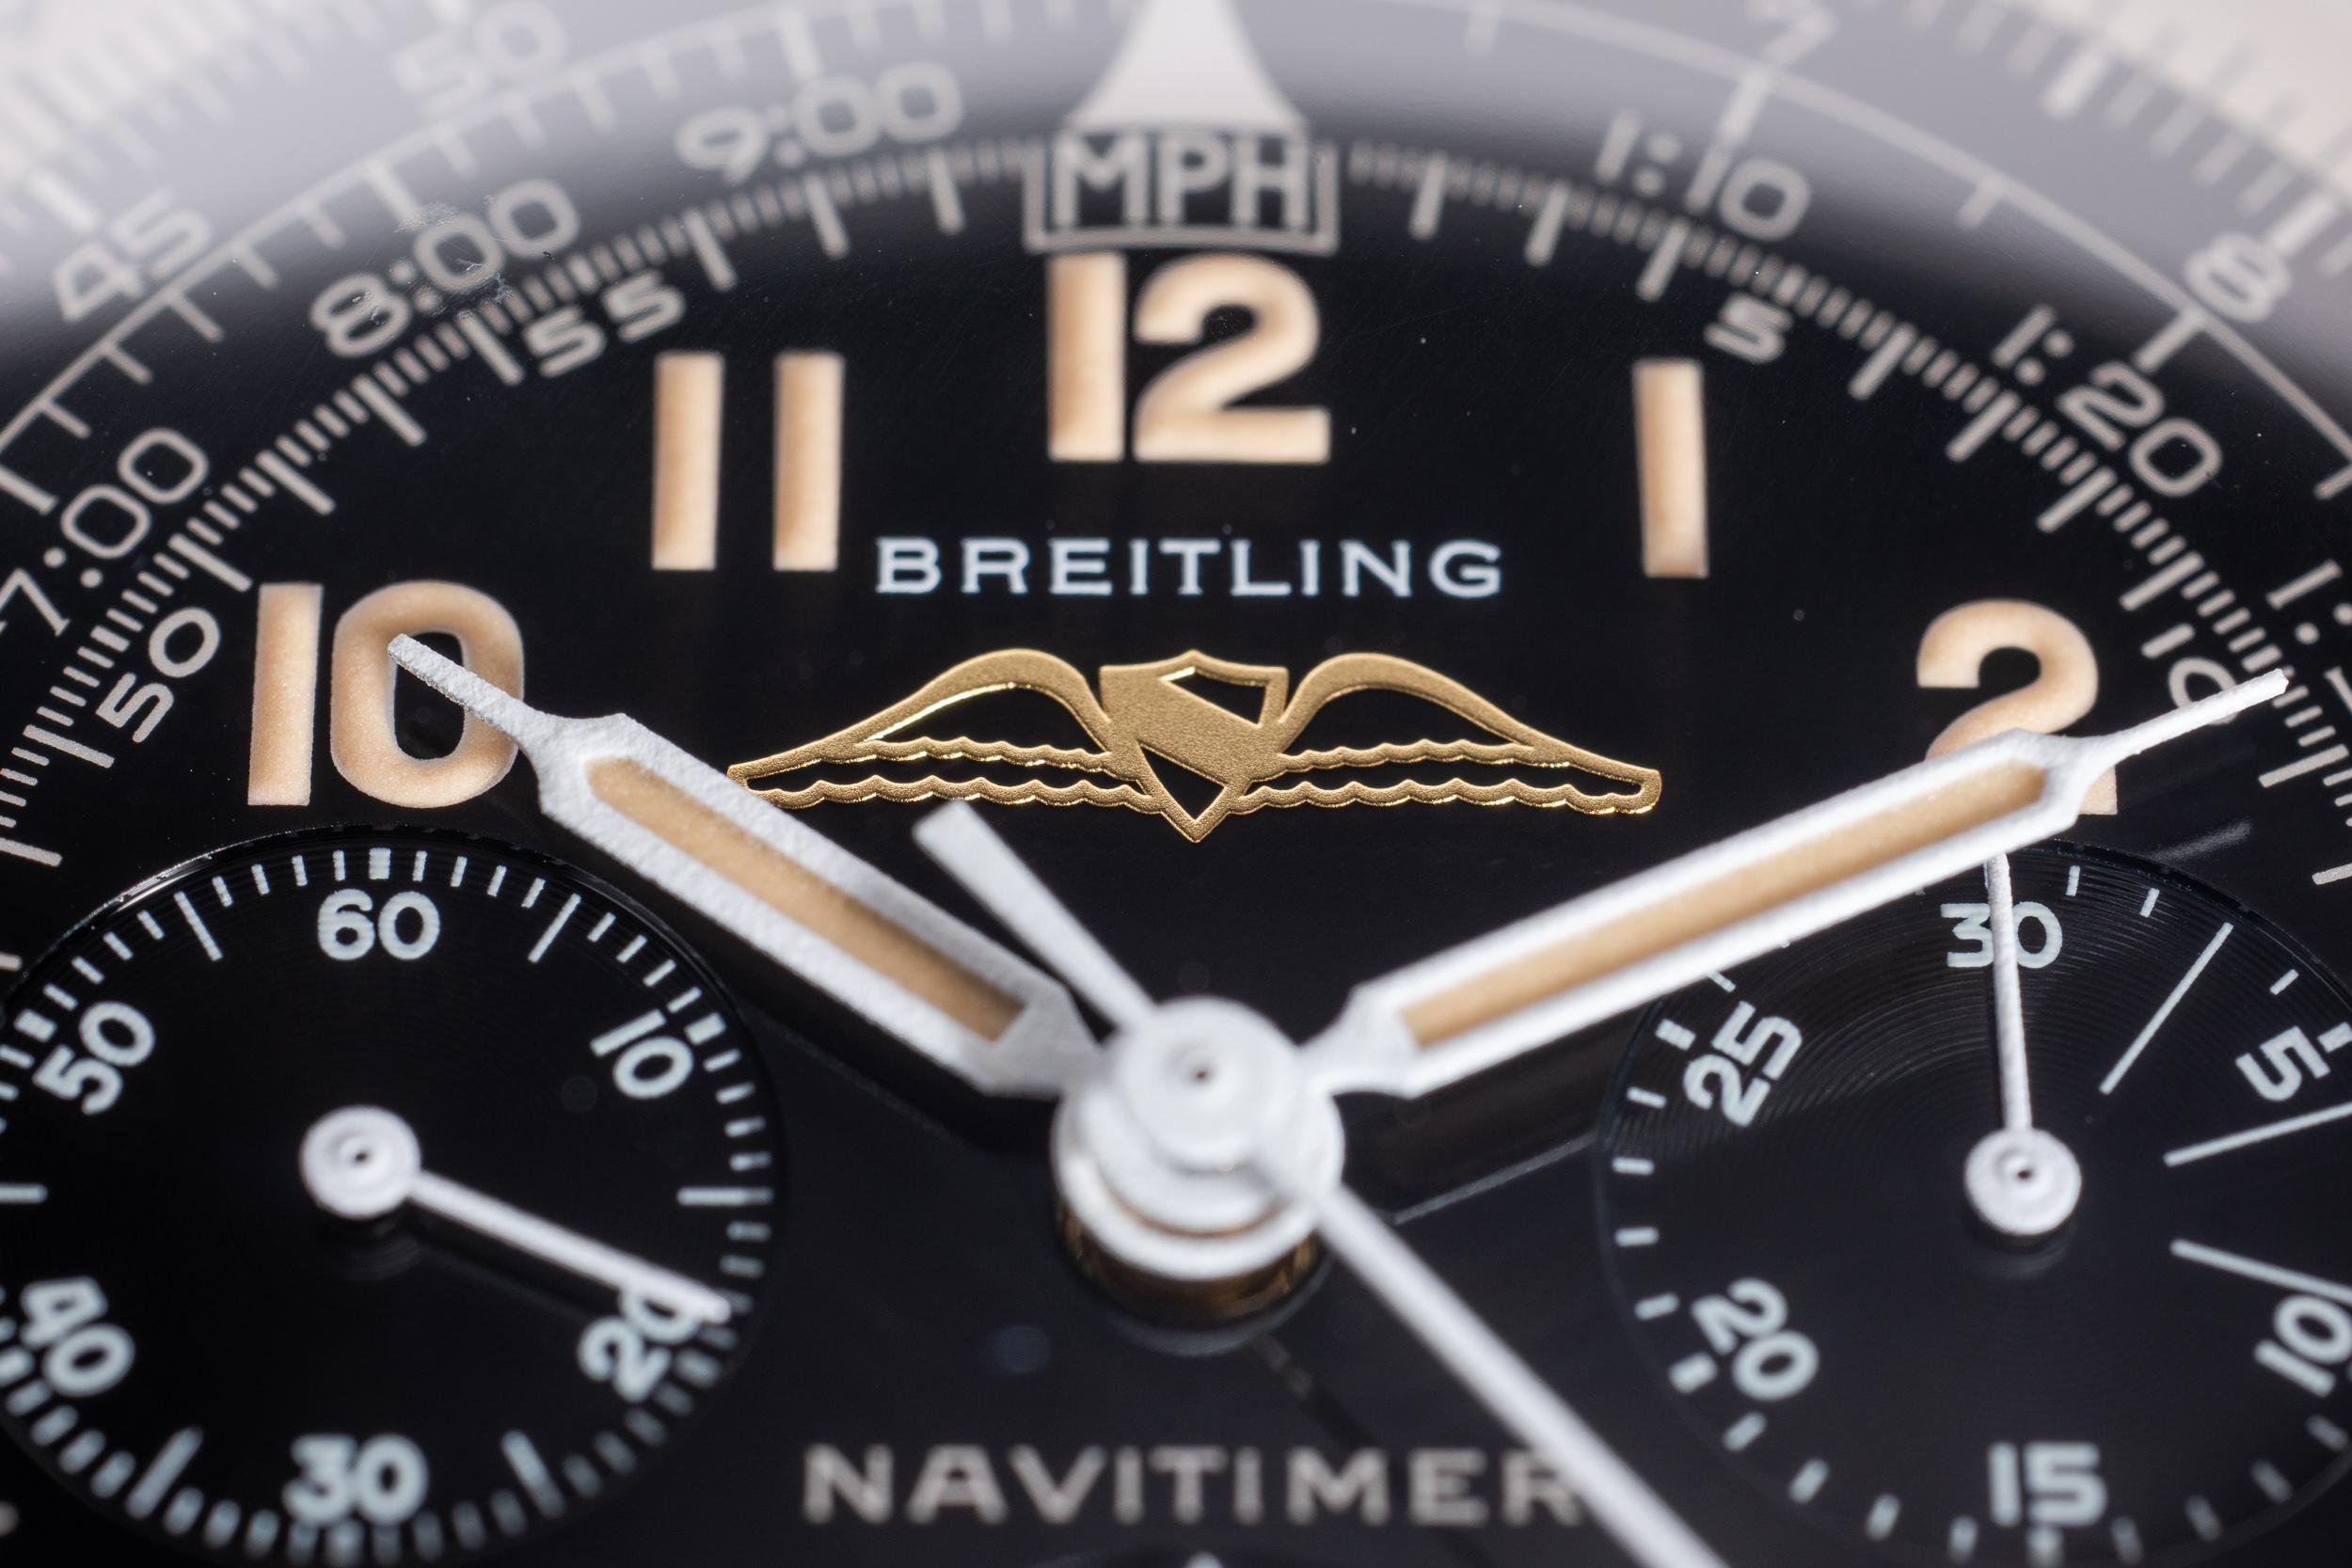 Breitling_Navitimer_Reissue_Detail.jpg